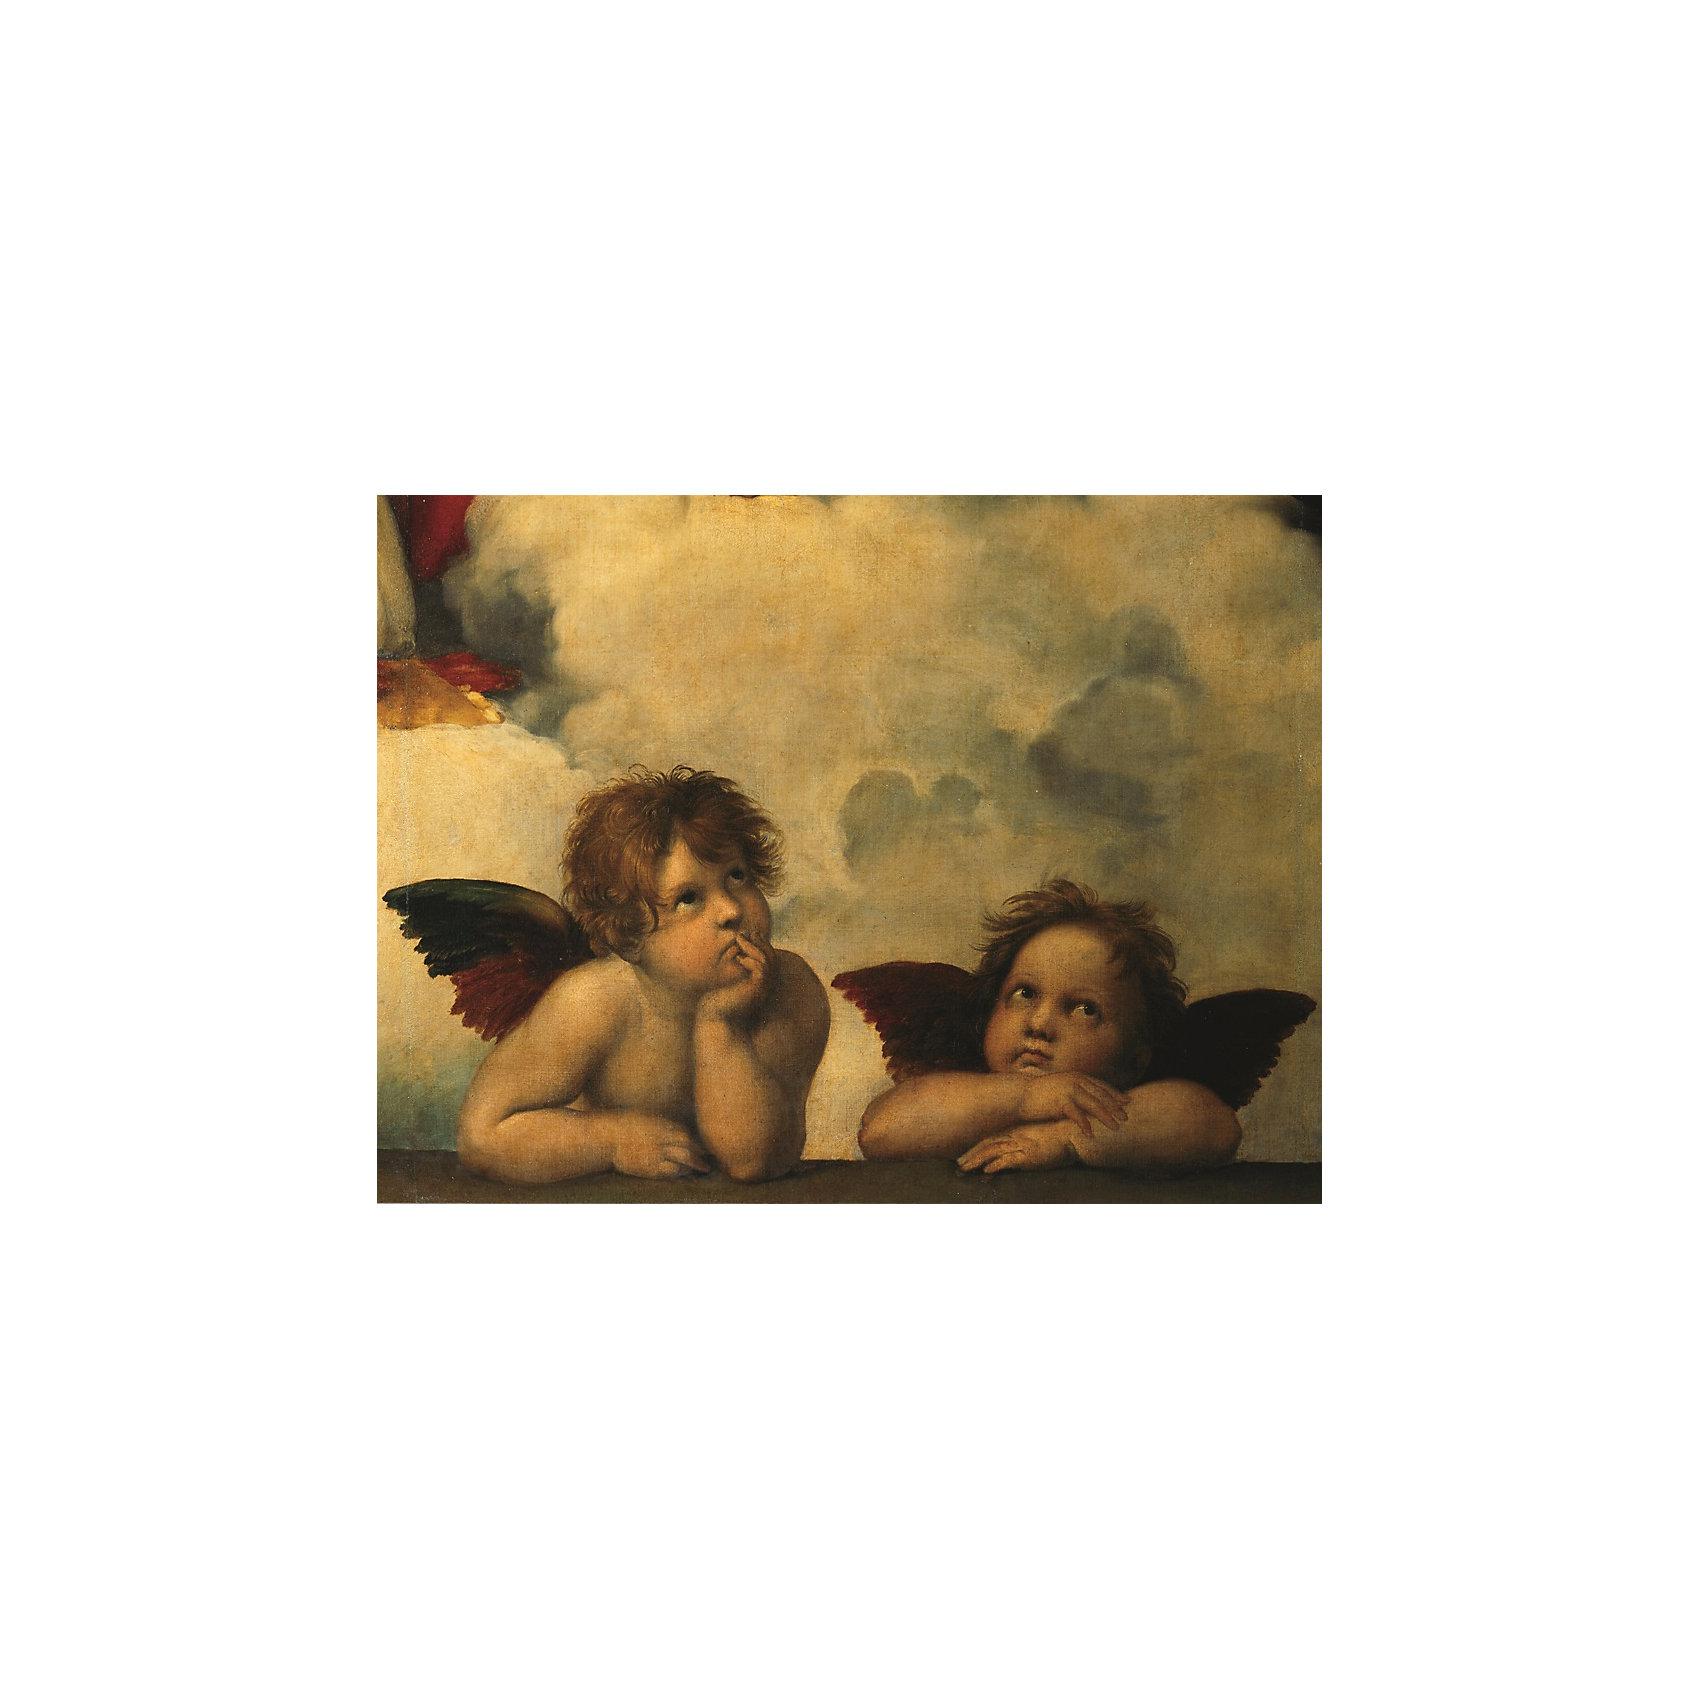 Пазл «Рафаэль. Ангелы» 1000 деталей, RavensburgerПазл «Рафаэль. Ангелы» 1000 деталей, Ravensburger (Равенсбургер) – пазл отличного качества с изображением репродукции известной картины.<br>Собрав пазл «Рафаэль. Ангелы», вы получите изображение знаменитой картины Ангелы, которою сотворил итальянский художник Рафаэль Санти. Рафаэль Санти изобразил двух маленьких херувимчиков, и вложил в картину максимум душевного тепла. Мельчайшие детали досконально прорисованы, а выражения лиц ангелов навевает мысли о возвышенном. Пазл с фотокопией картины из тысячи элементов настолько качественно исполнен и напечатан в высочайшем разрешении, что позволяет использовать его в собранном виде в качестве высокохудожественного украшения интерьера. Пазлы Ravensburger (Равенсбургер) всегда отличаются высоким качеством полиграфии, изготовлены из экологичного сырья. Они пригодны для многократного использования, ведь плотный картон не расслаивается при правильной эксплуатации. Все элементы идеально соединяются, а специальная технология производства гарантирует отсутствие двух одинаковых деталей. Рисунок имеет матовую поверхность без бликов. Для того, чтобы пазл остался в собранном виде можно использовать специальный клей и вставить картину в рамку (рамка и клей продаются отдельно и в комплект не входят).<br><br>Дополнительная информация:<br><br>- Количество деталей: 1000 шт.<br>- Размер картинки: 70 х 50 см.<br>- Материал: картон<br>- Размер упаковки: 37 х 27 х 5,5 см.<br>- Вес: 956 гр.<br><br>Пазл «Рафаэль. Ангелы» 1000 деталей, Ravensburger (Равенсбургер) можно купить в нашем интернет-магазине.<br><br>Ширина мм: 370<br>Глубина мм: 270<br>Высота мм: 55<br>Вес г: 956<br>Возраст от месяцев: 96<br>Возраст до месяцев: 192<br>Пол: Унисекс<br>Возраст: Детский<br>Количество деталей: 1000<br>SKU: 4214577